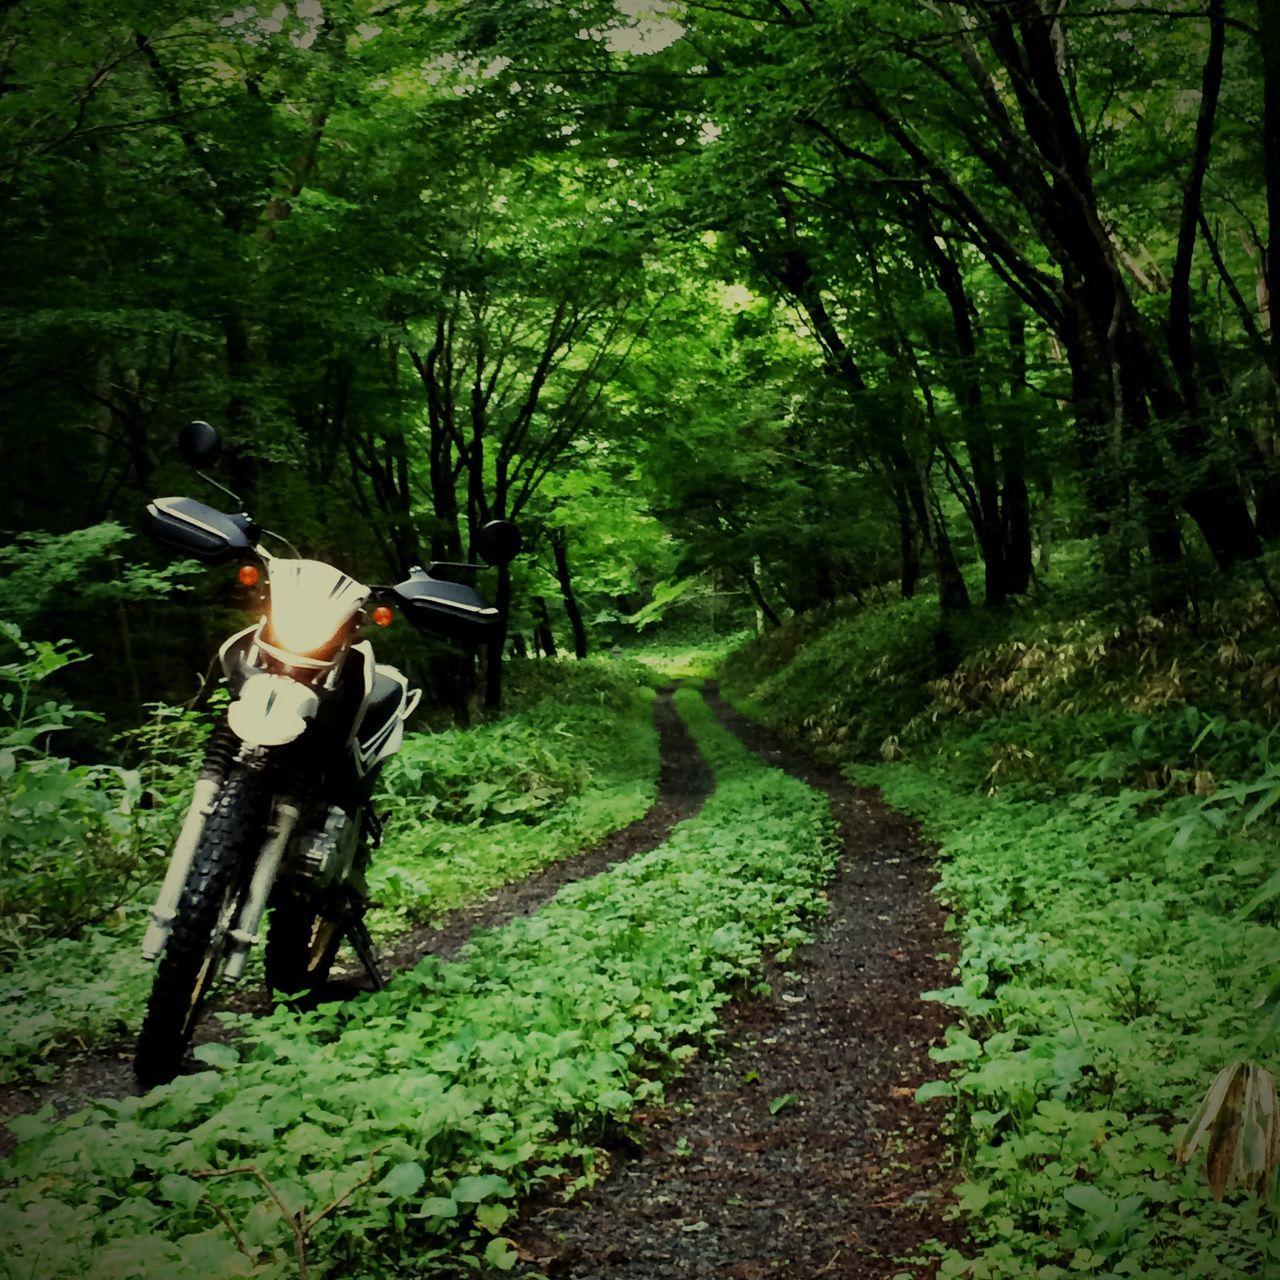 バイク ツーリング 林道 Motorcycles Trip Hello World